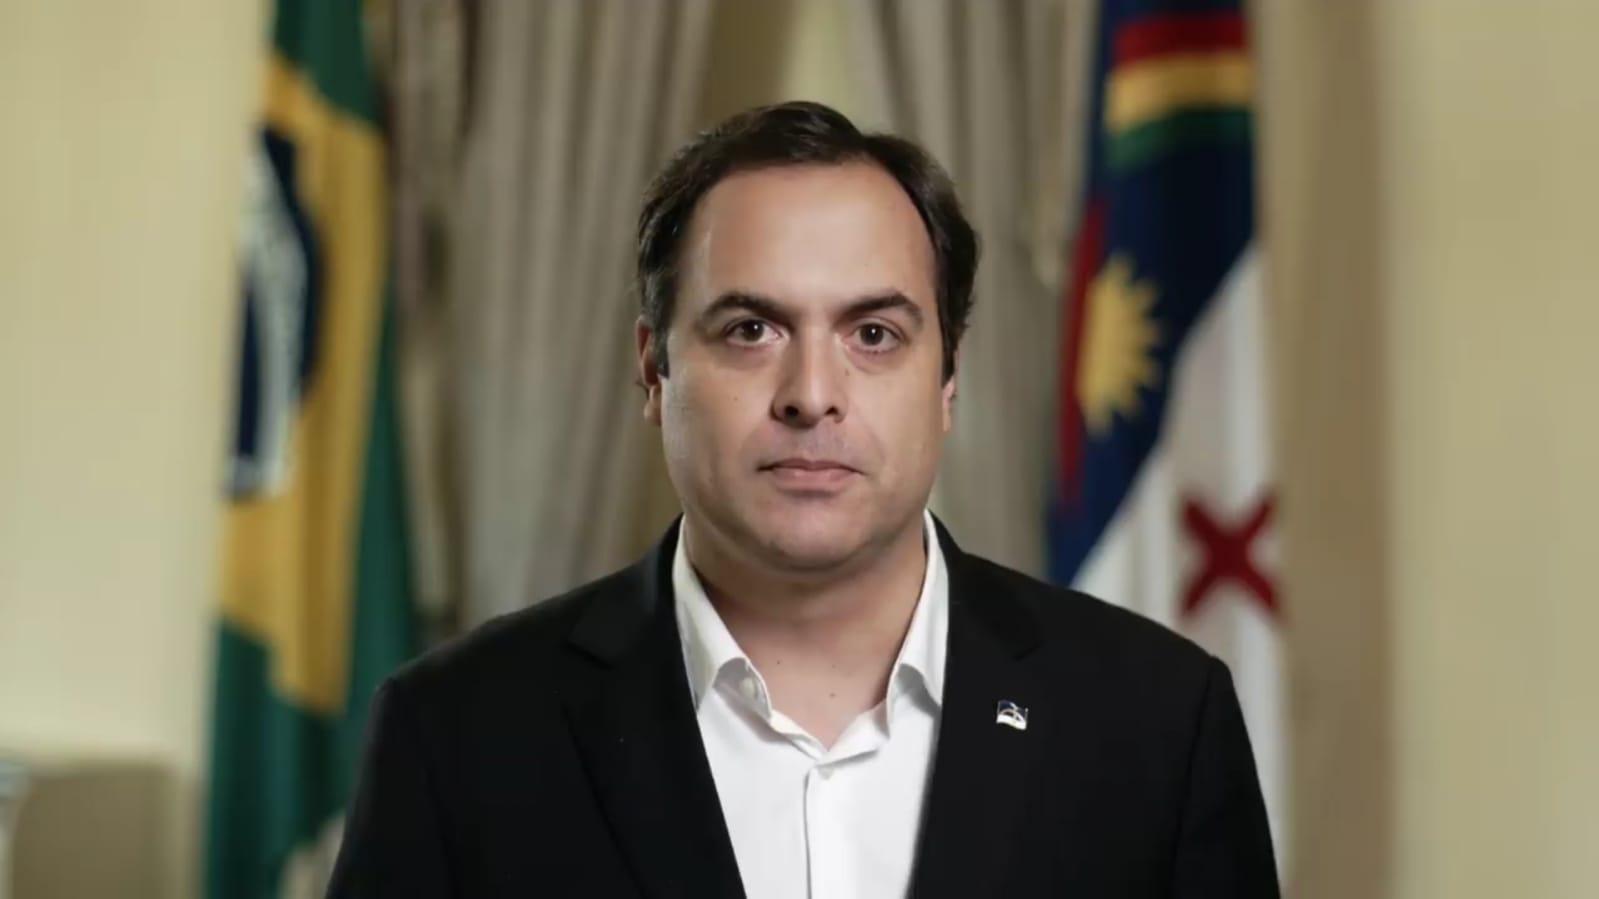 Pais de alunos da rede estadual denunciam Paulo Câmara pelo não pagamento do auxílio a estudantes